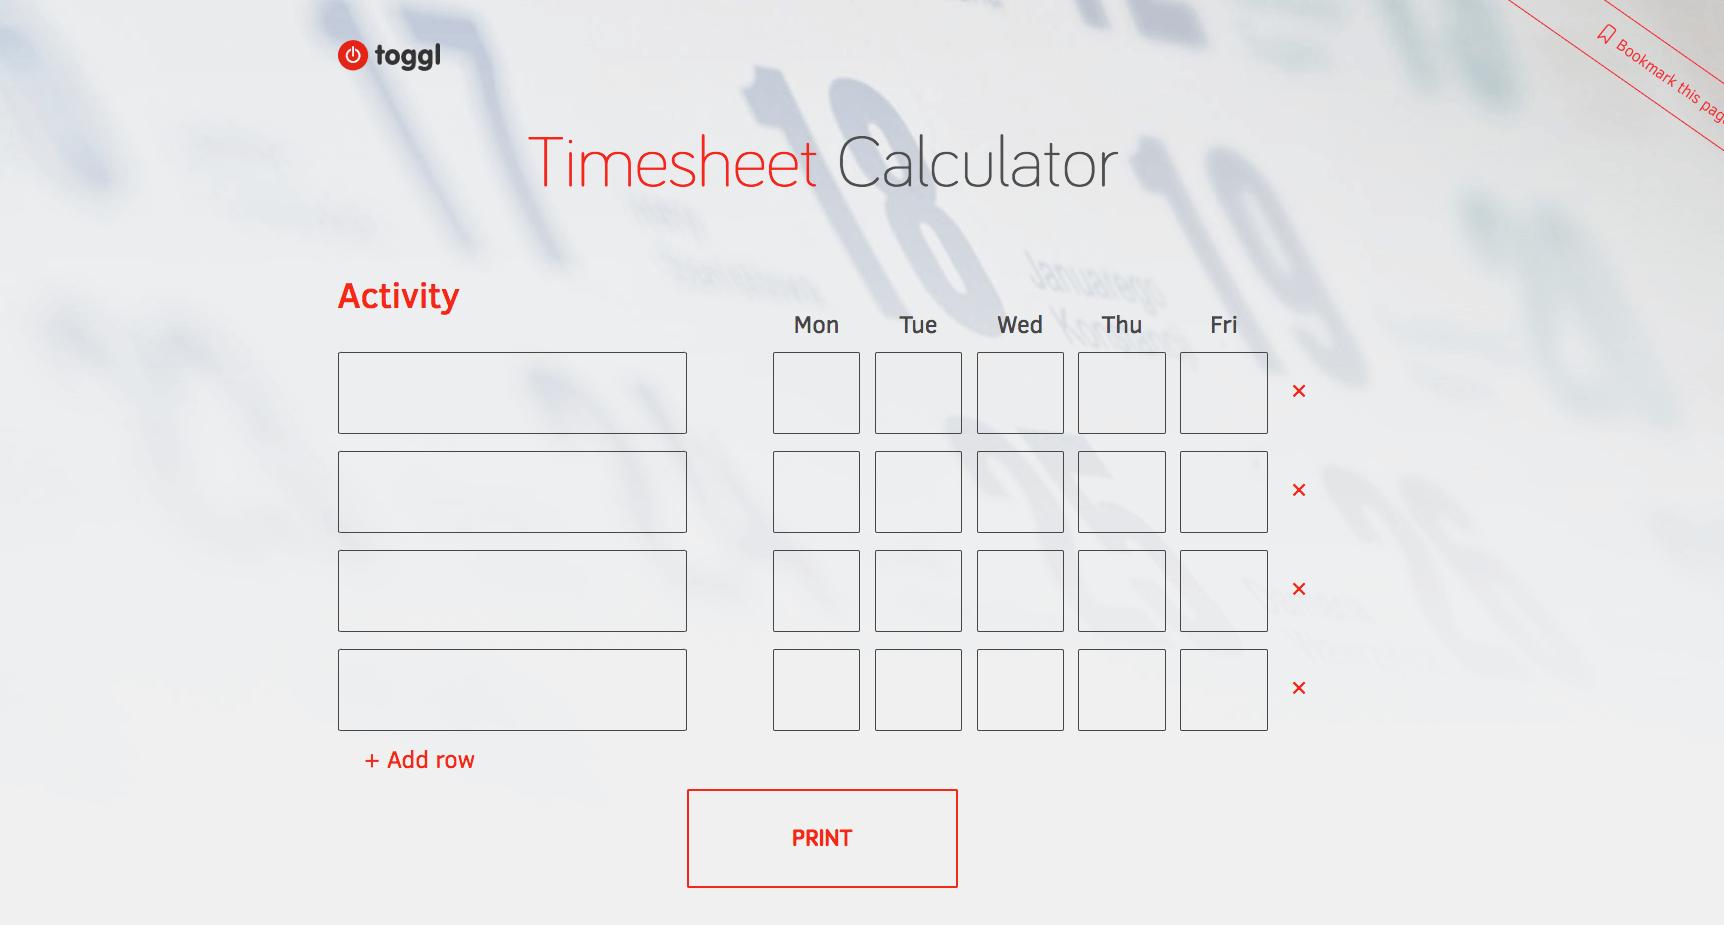 Top 5 Timesheet Calculators to Sum Up Working Hours – Timesheet Calculators